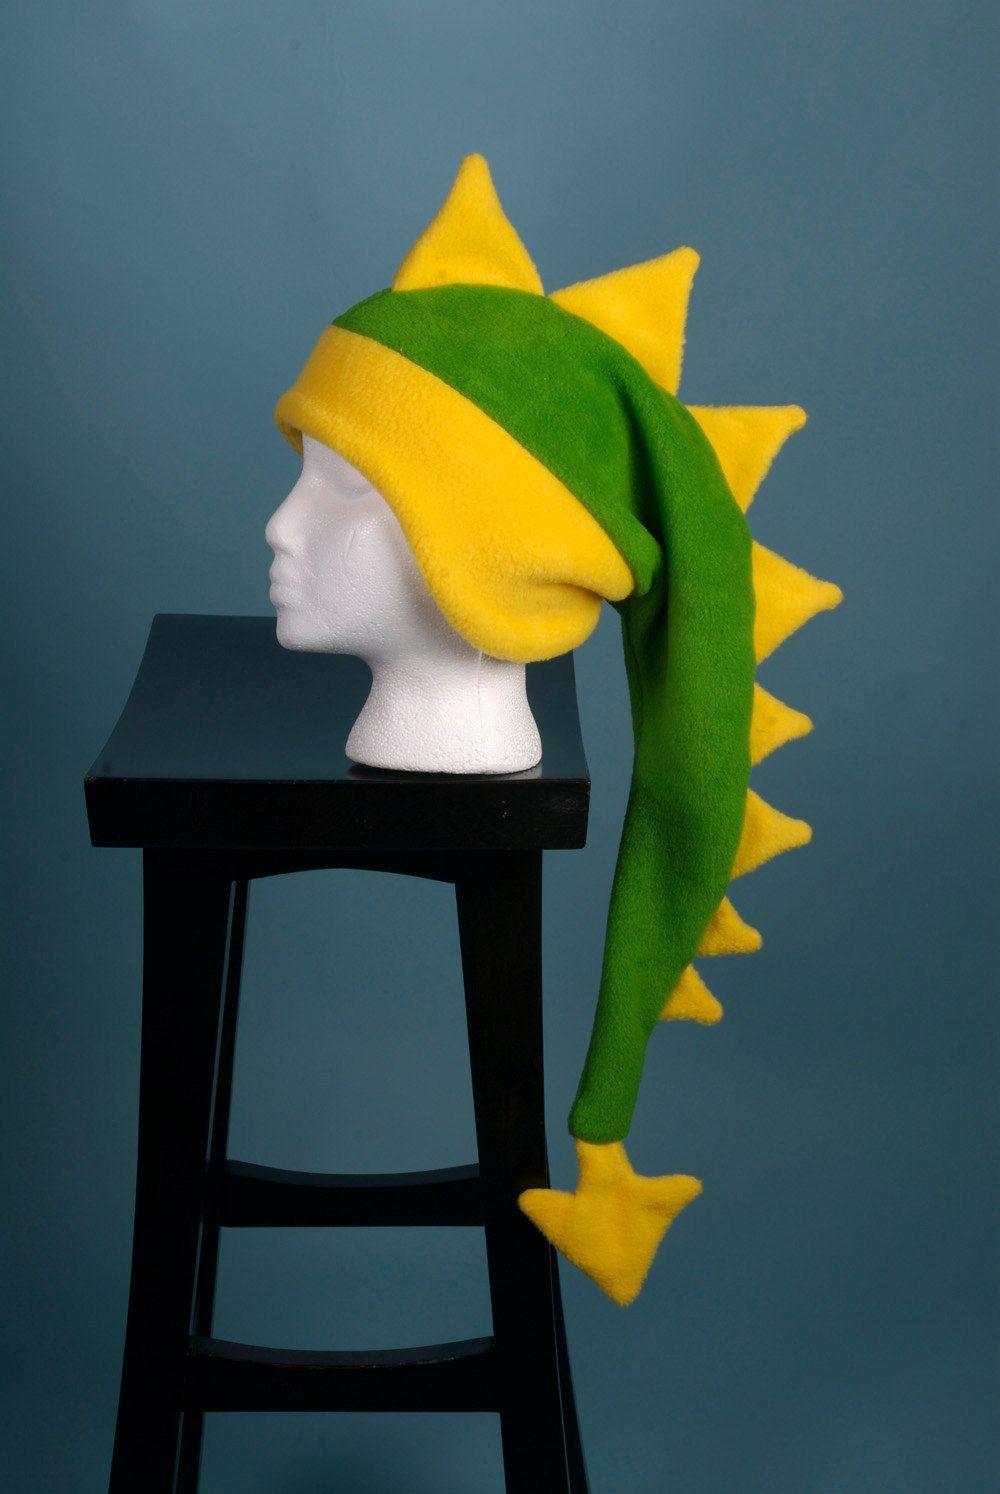 da29881ea56 Fleece Dragon Hat - Lime Green   Yellow Dinosaur by Ningen Headwear ...